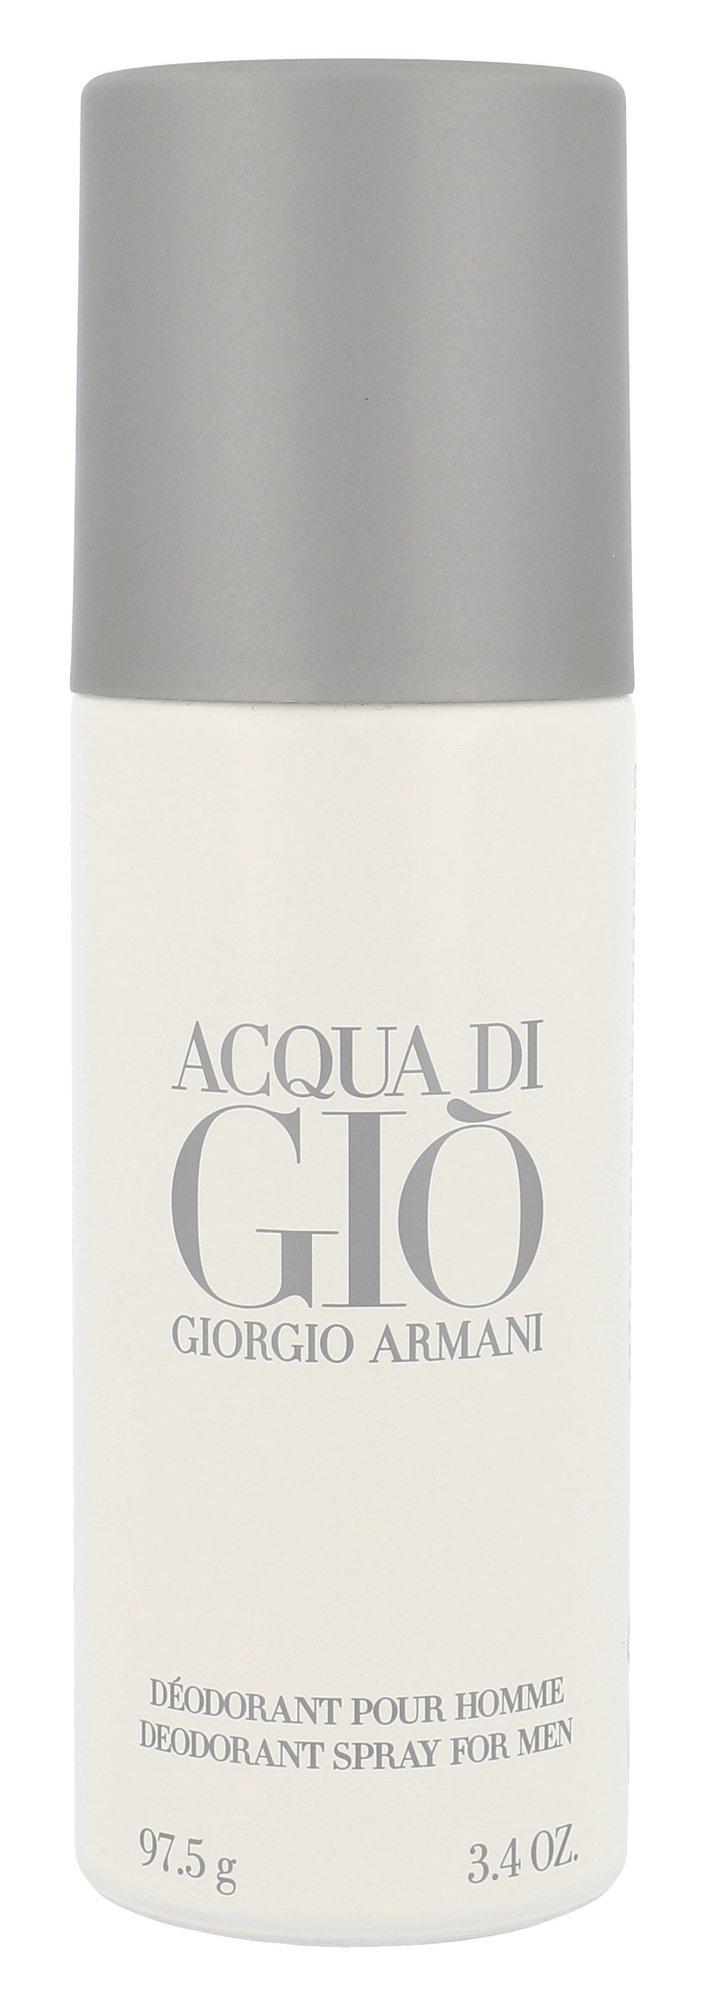 Giorgio Armani Acqua di Gio Pour Homme Deodorant 150ml